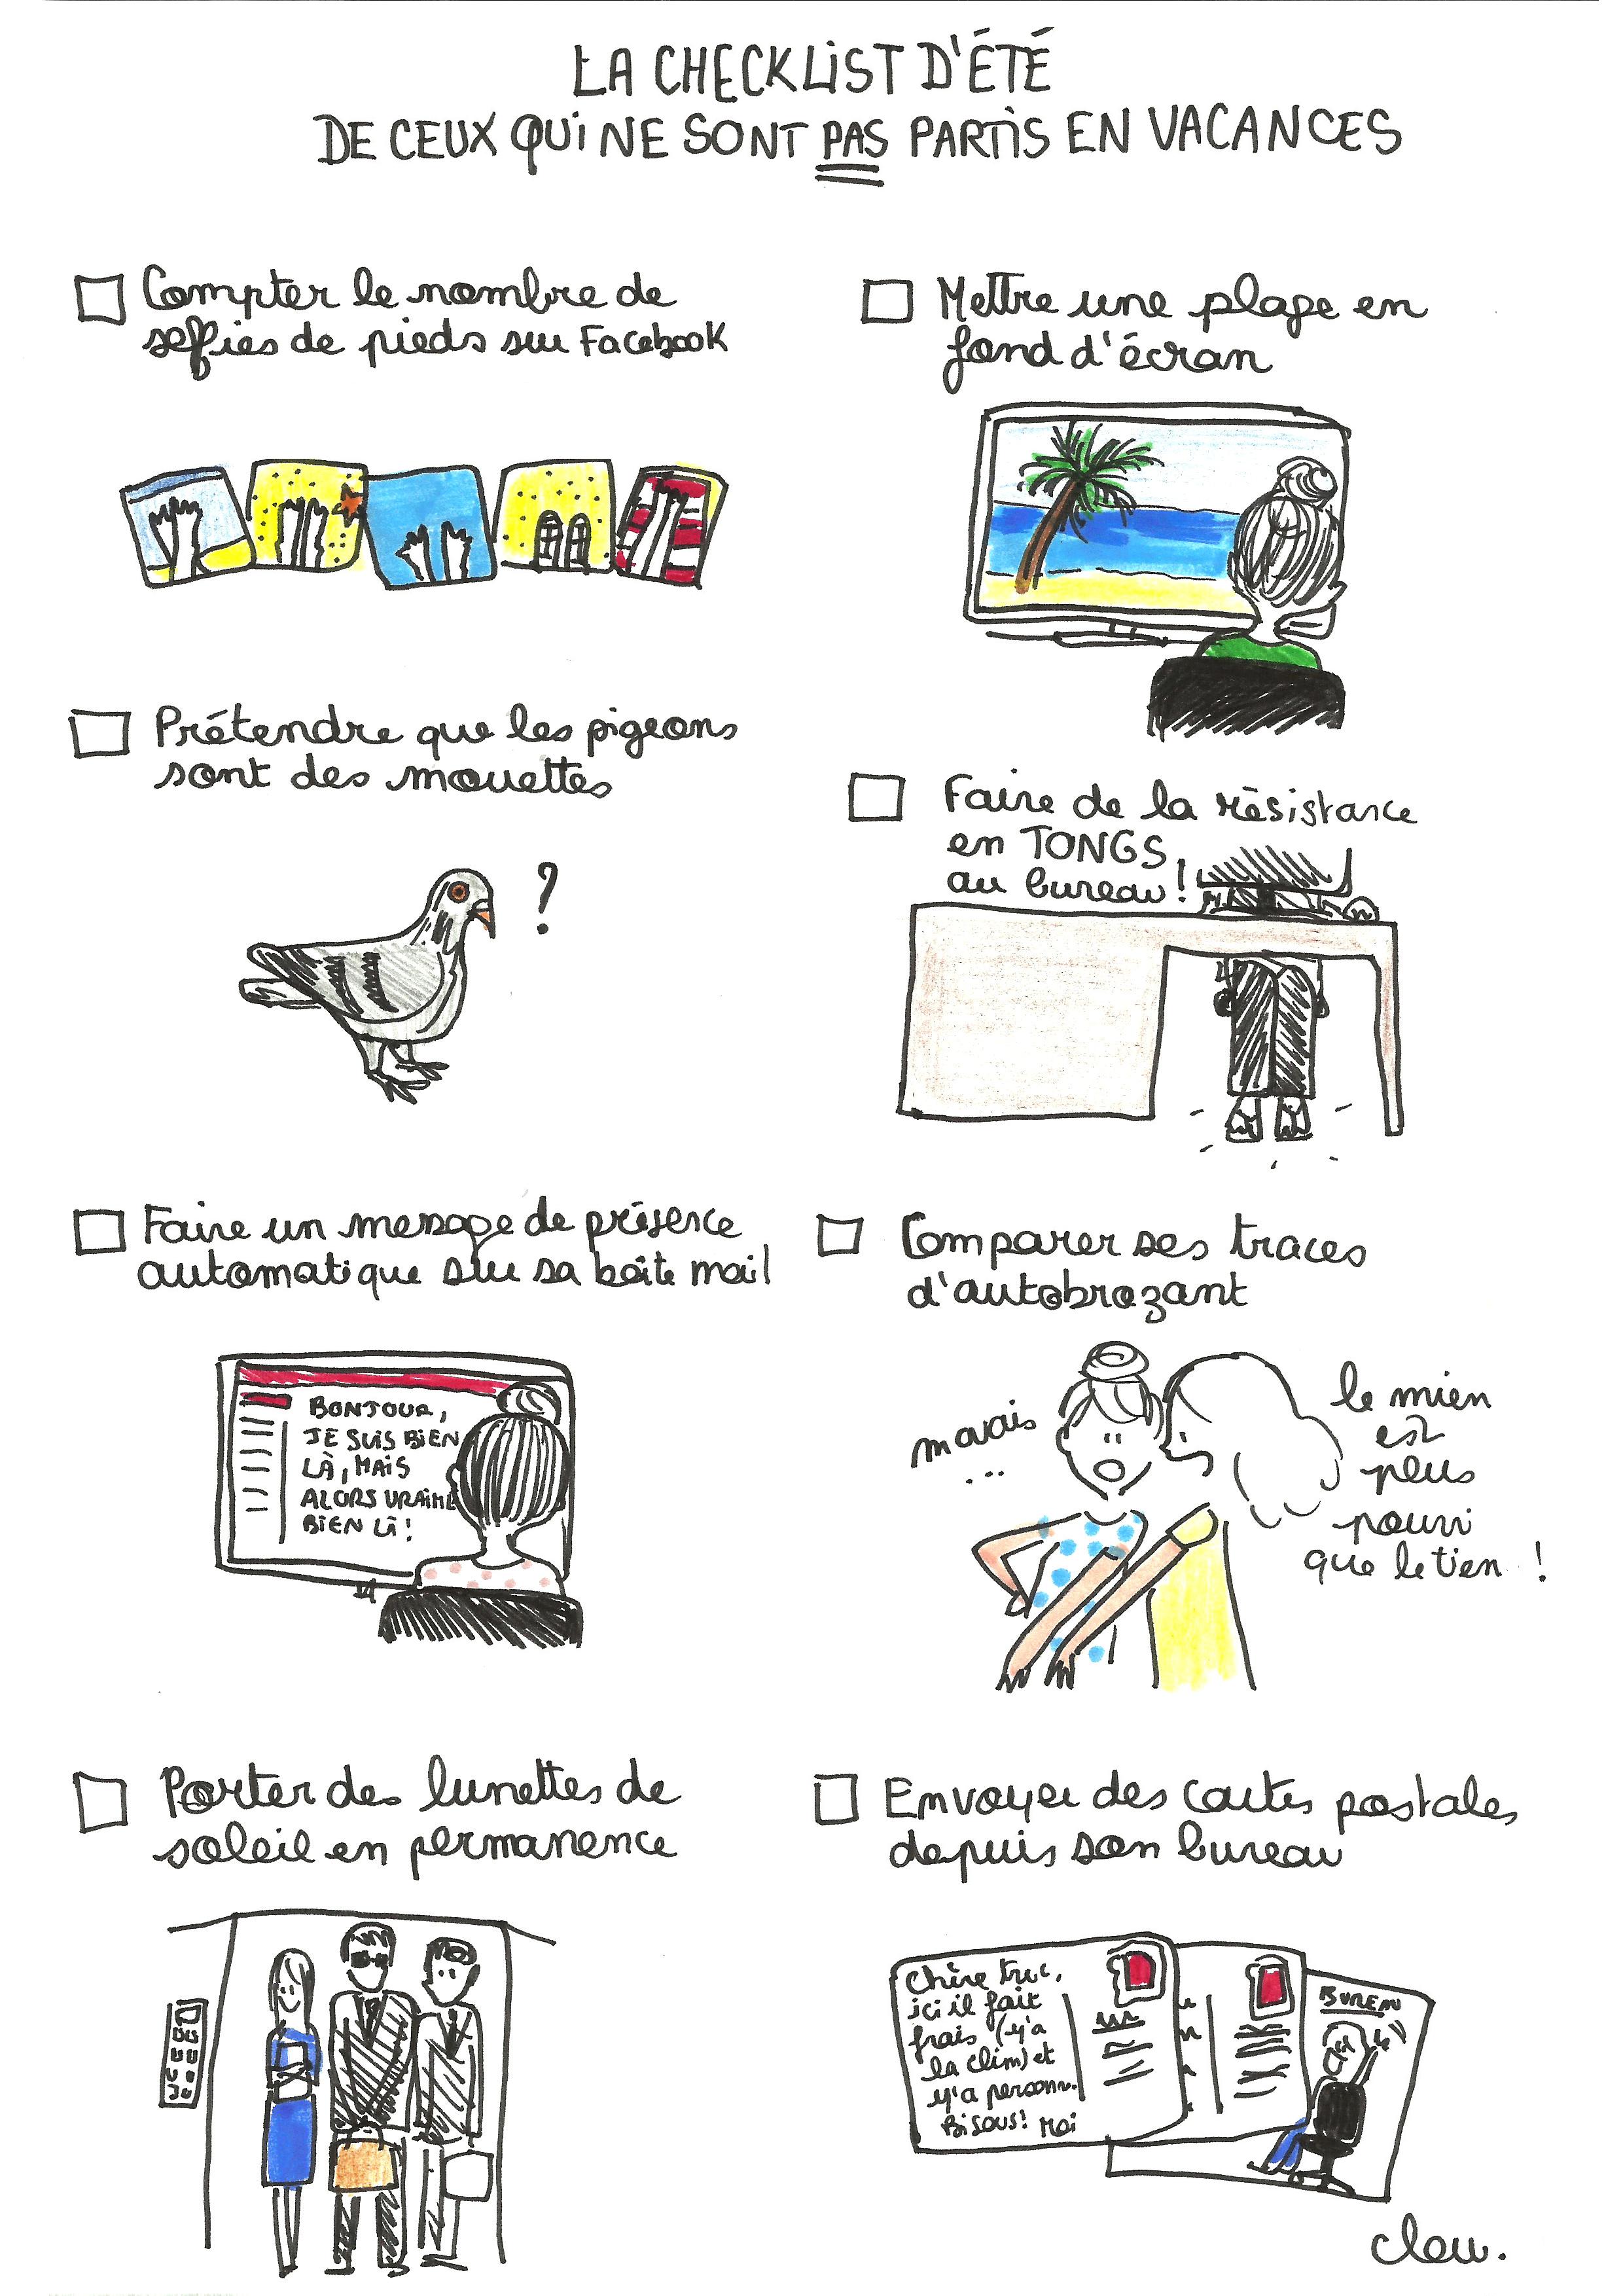 La Check List De Ceux Qui Ne Sont Pas En Vacances